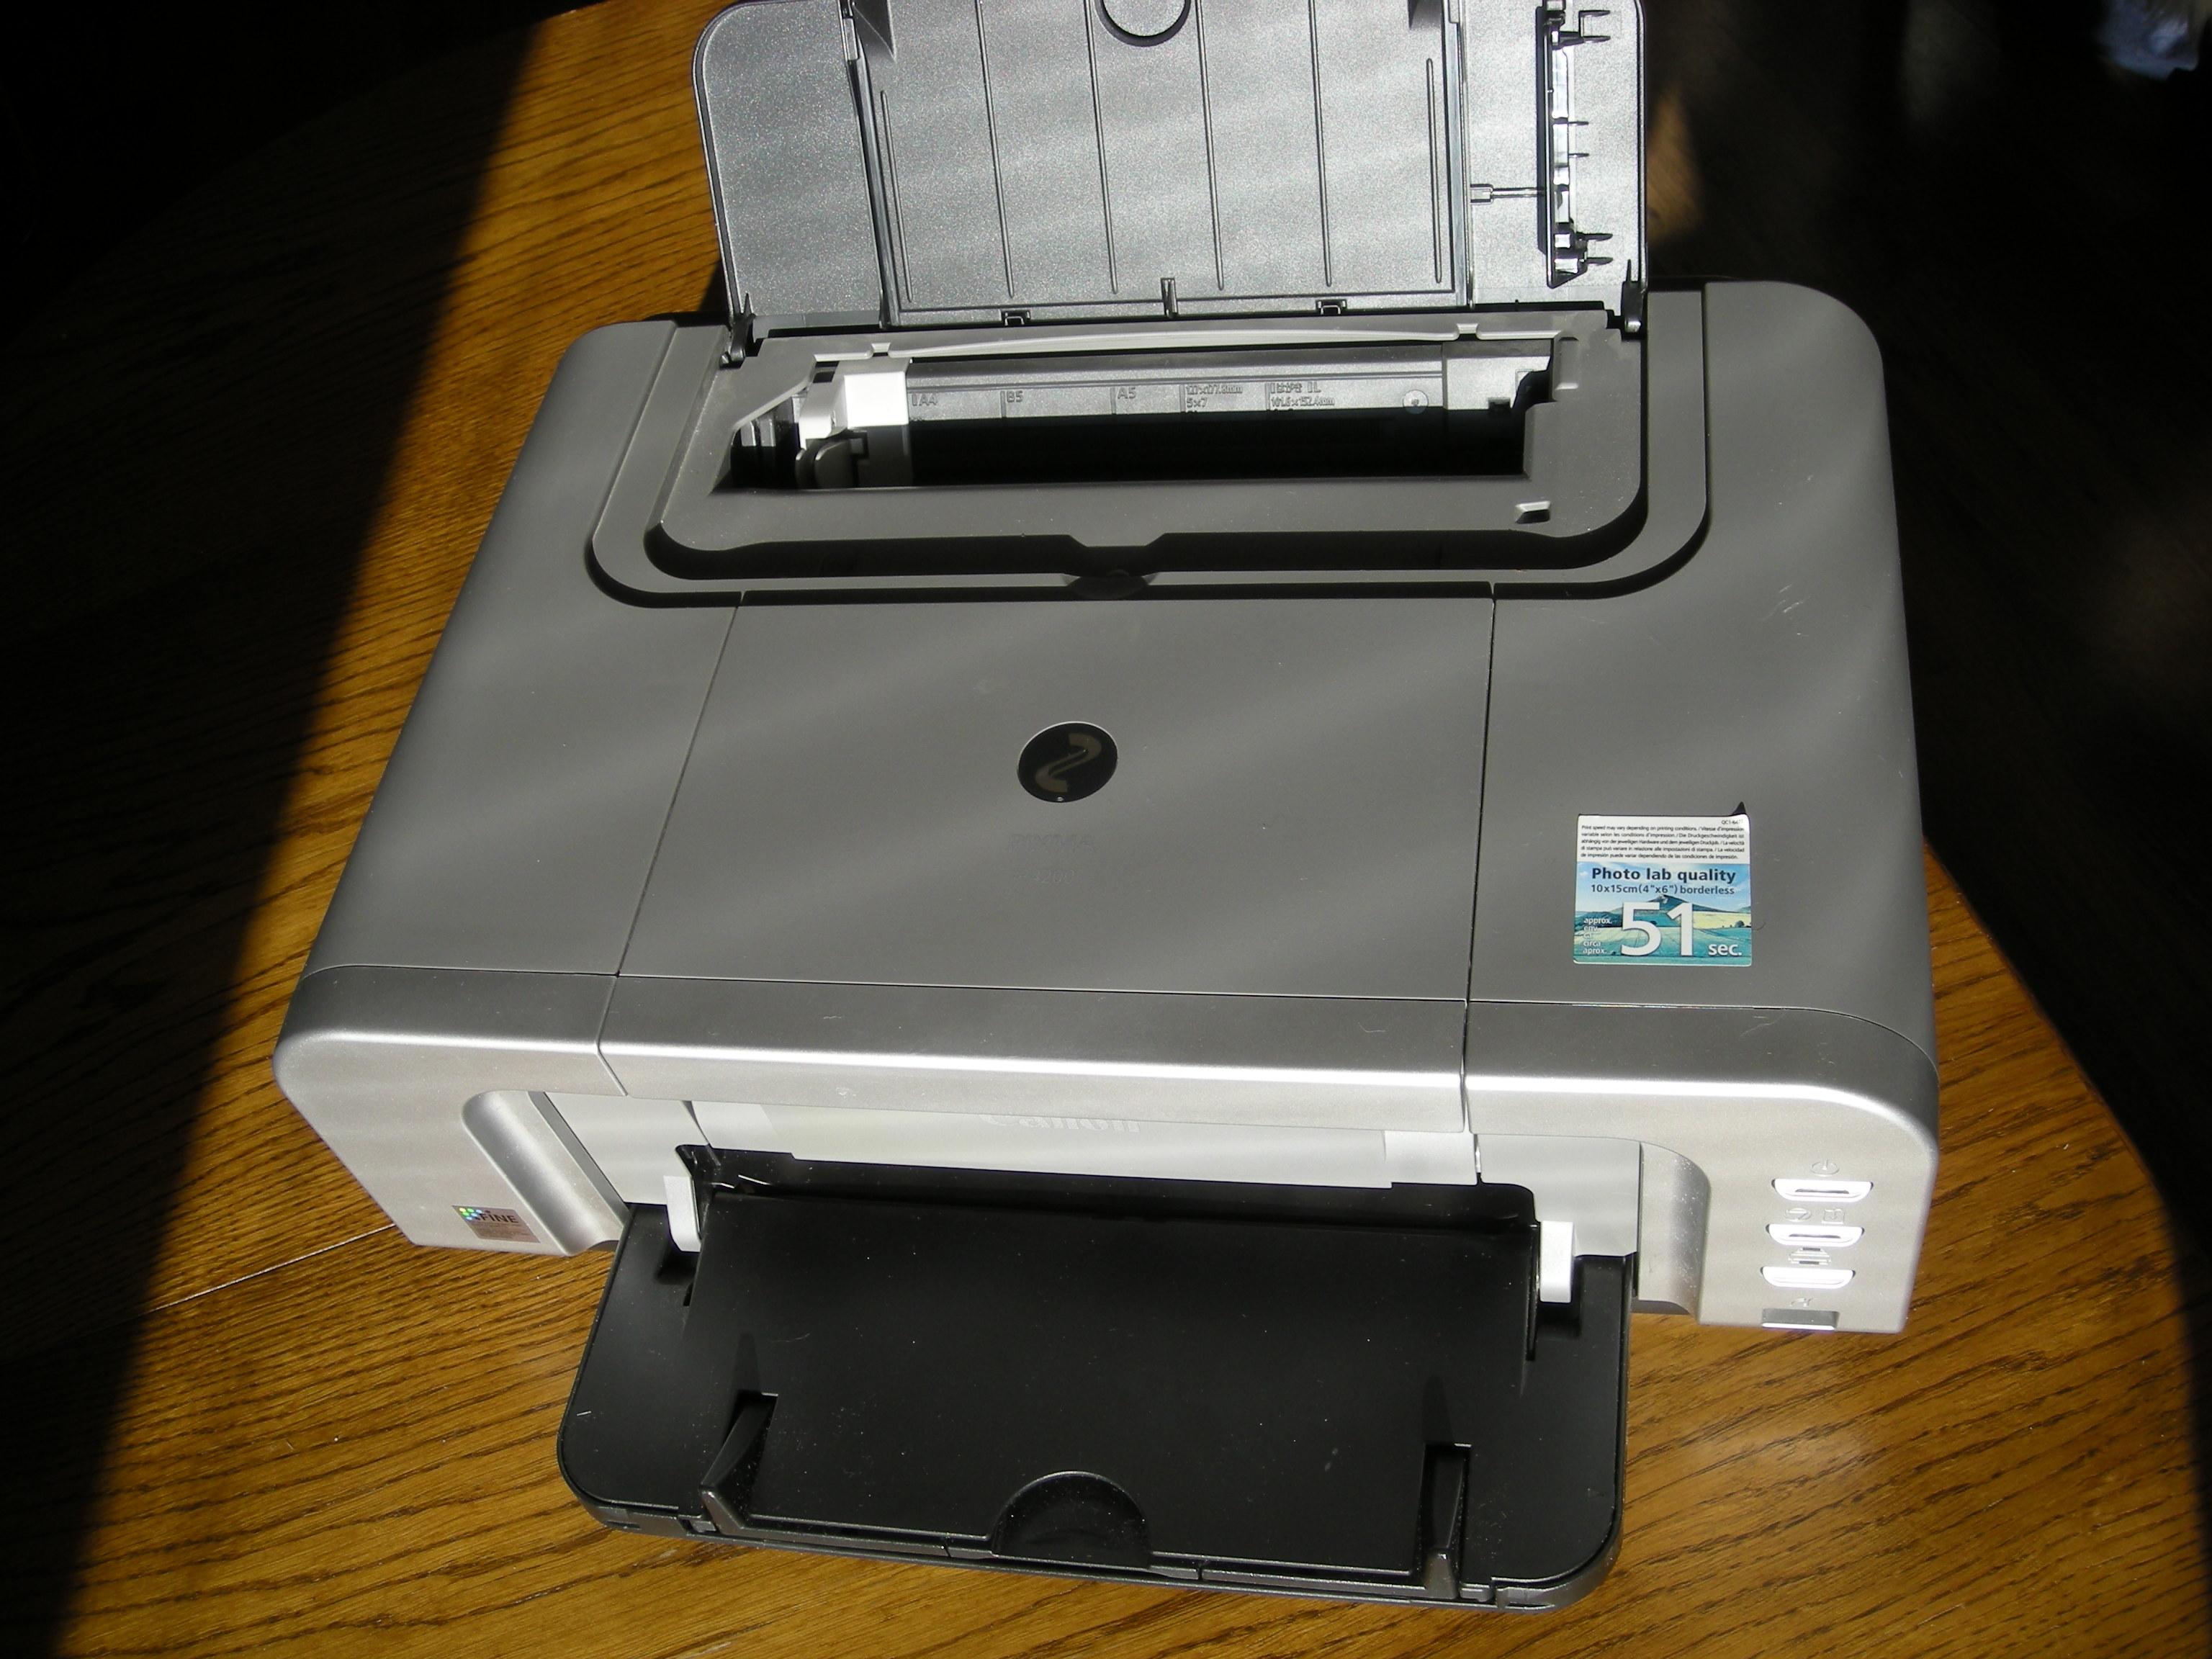 [Sprzedam] Drukarka Canon IP4200, na cz�ci, uszkodzona - nie chce drukowa�